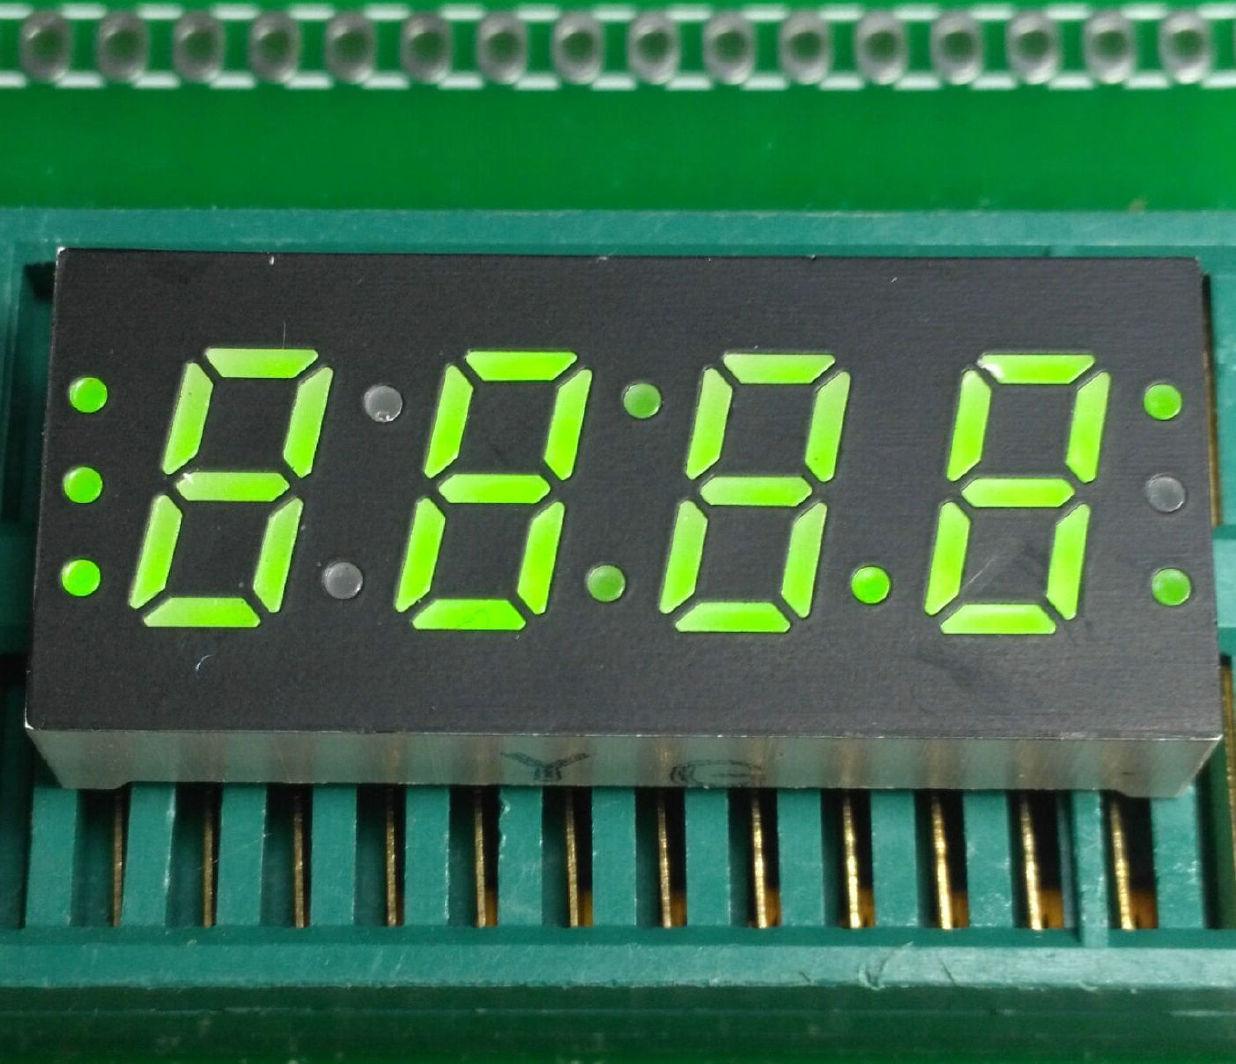 大量生產0.3英寸四位數碼管LED數碼管紅色數碼管共陰共陽數碼管